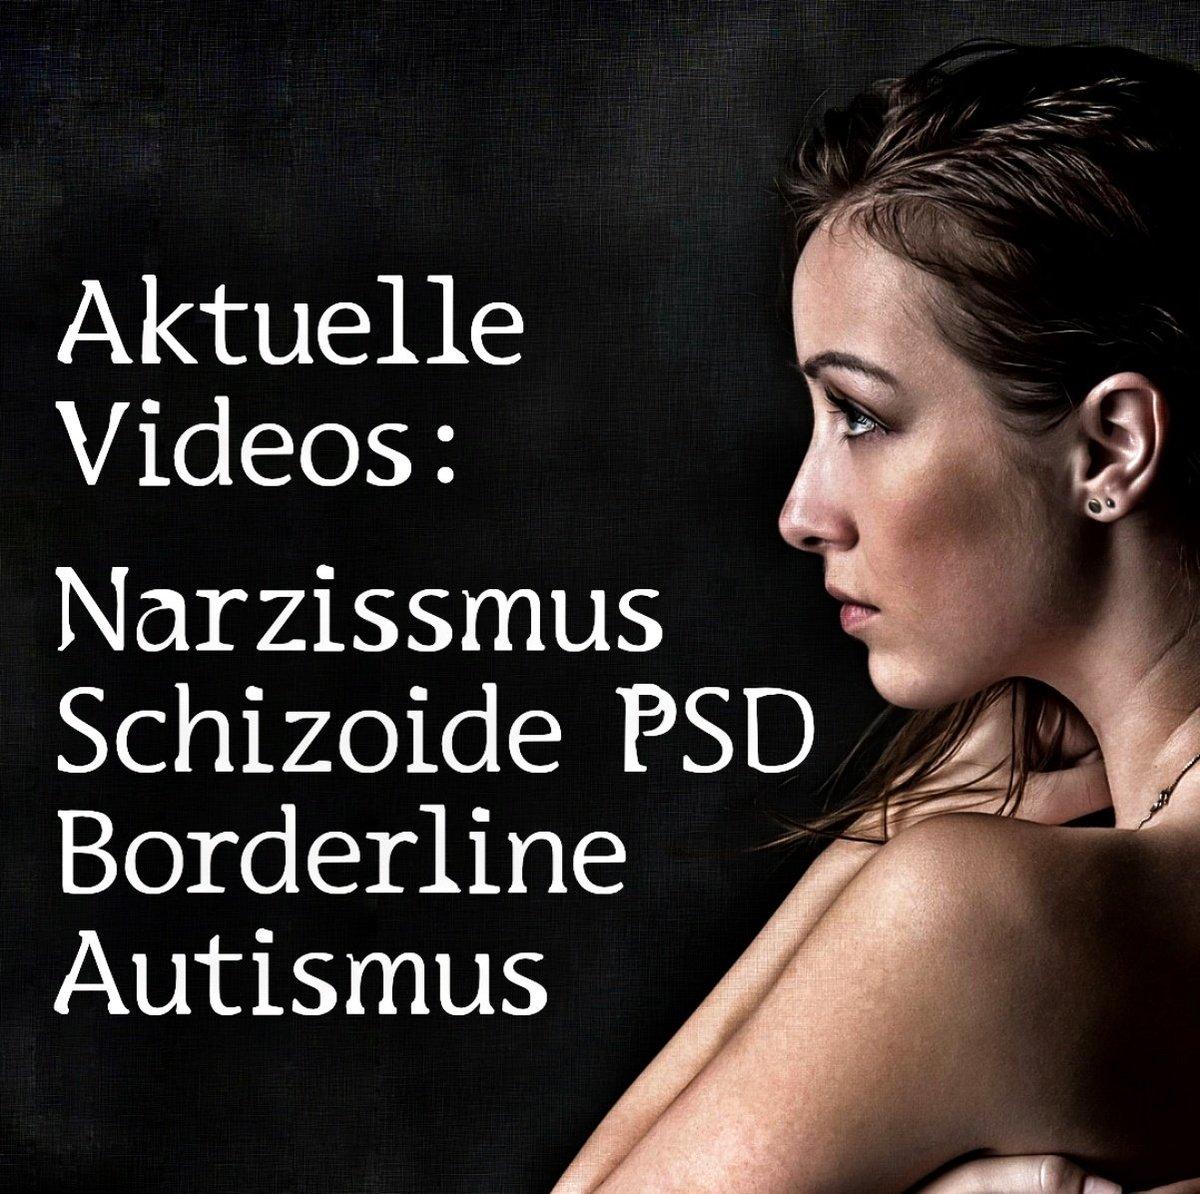 Auf vielfache Nachfrage habe ich mal wieder ein Video zum Thema Schizoide Persönlichkeitsstörung für euch im Kasten - denn diese wurde aus dem aktuellen DSM5 gelöscht! #Schizoid Außerdem in den nächsten 14 Tagen: #Narzissmus, #Borderline, #Autismus und #Persönlichkeitsentwicklung